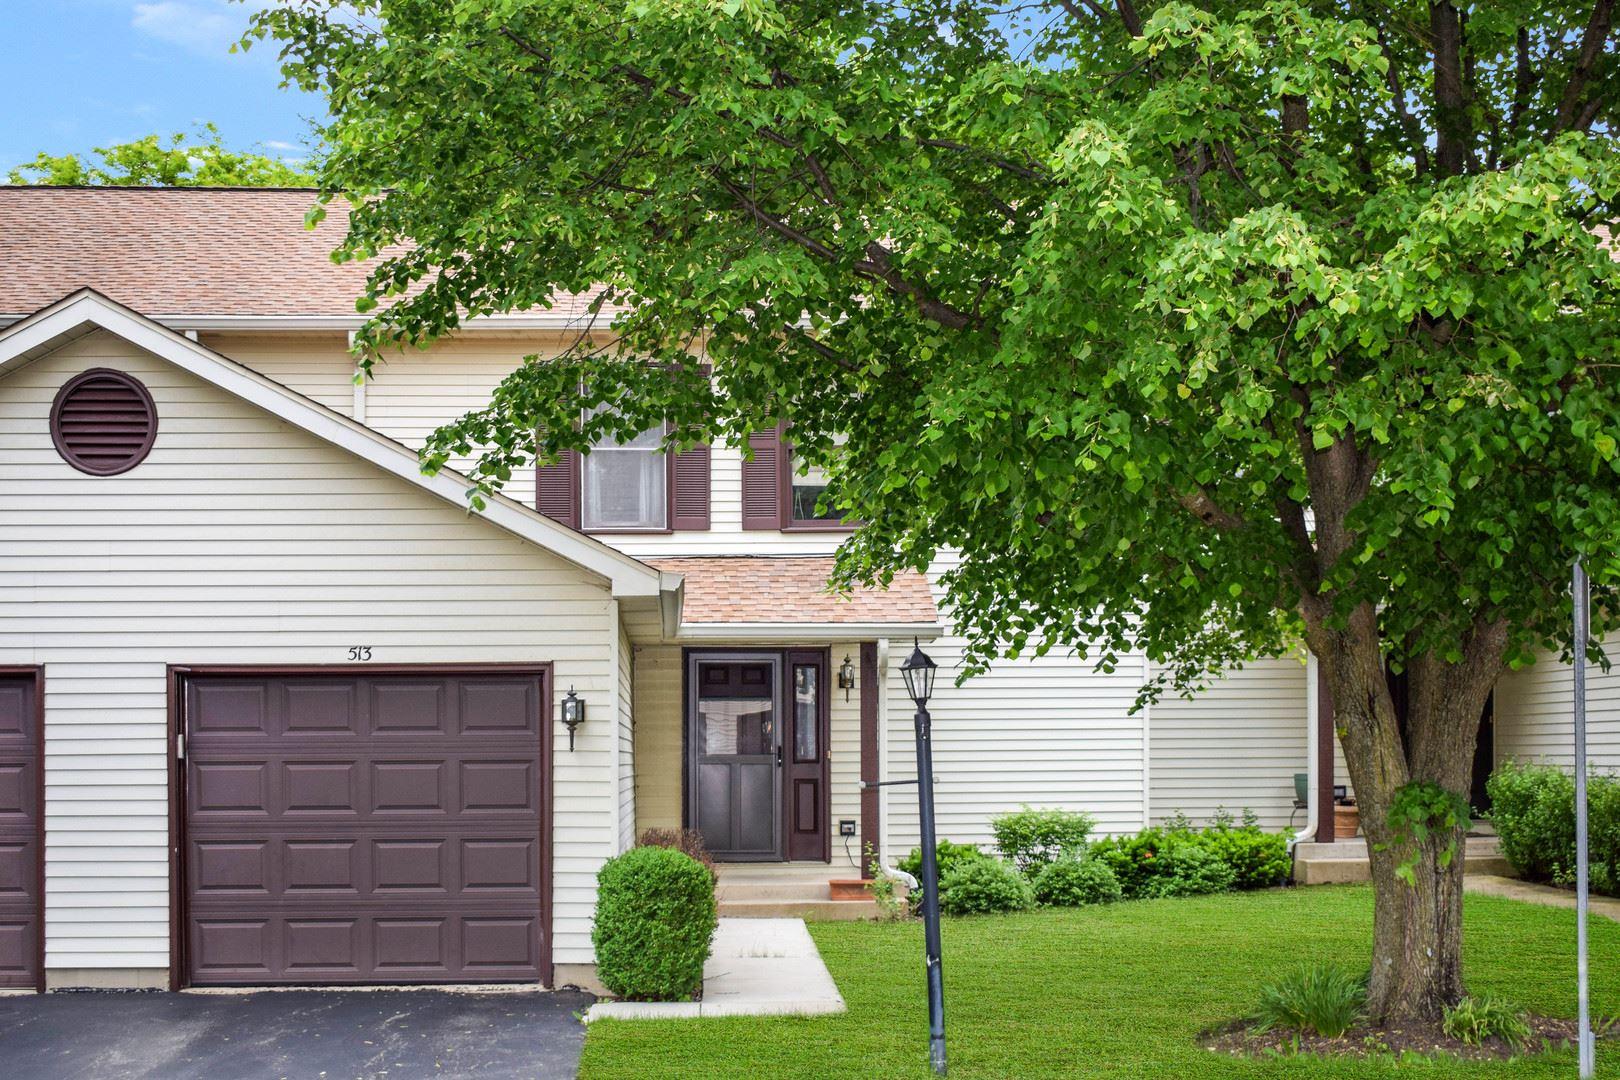 513 Villa Circle Drive, Palatine, IL 60067 - #: 10735197